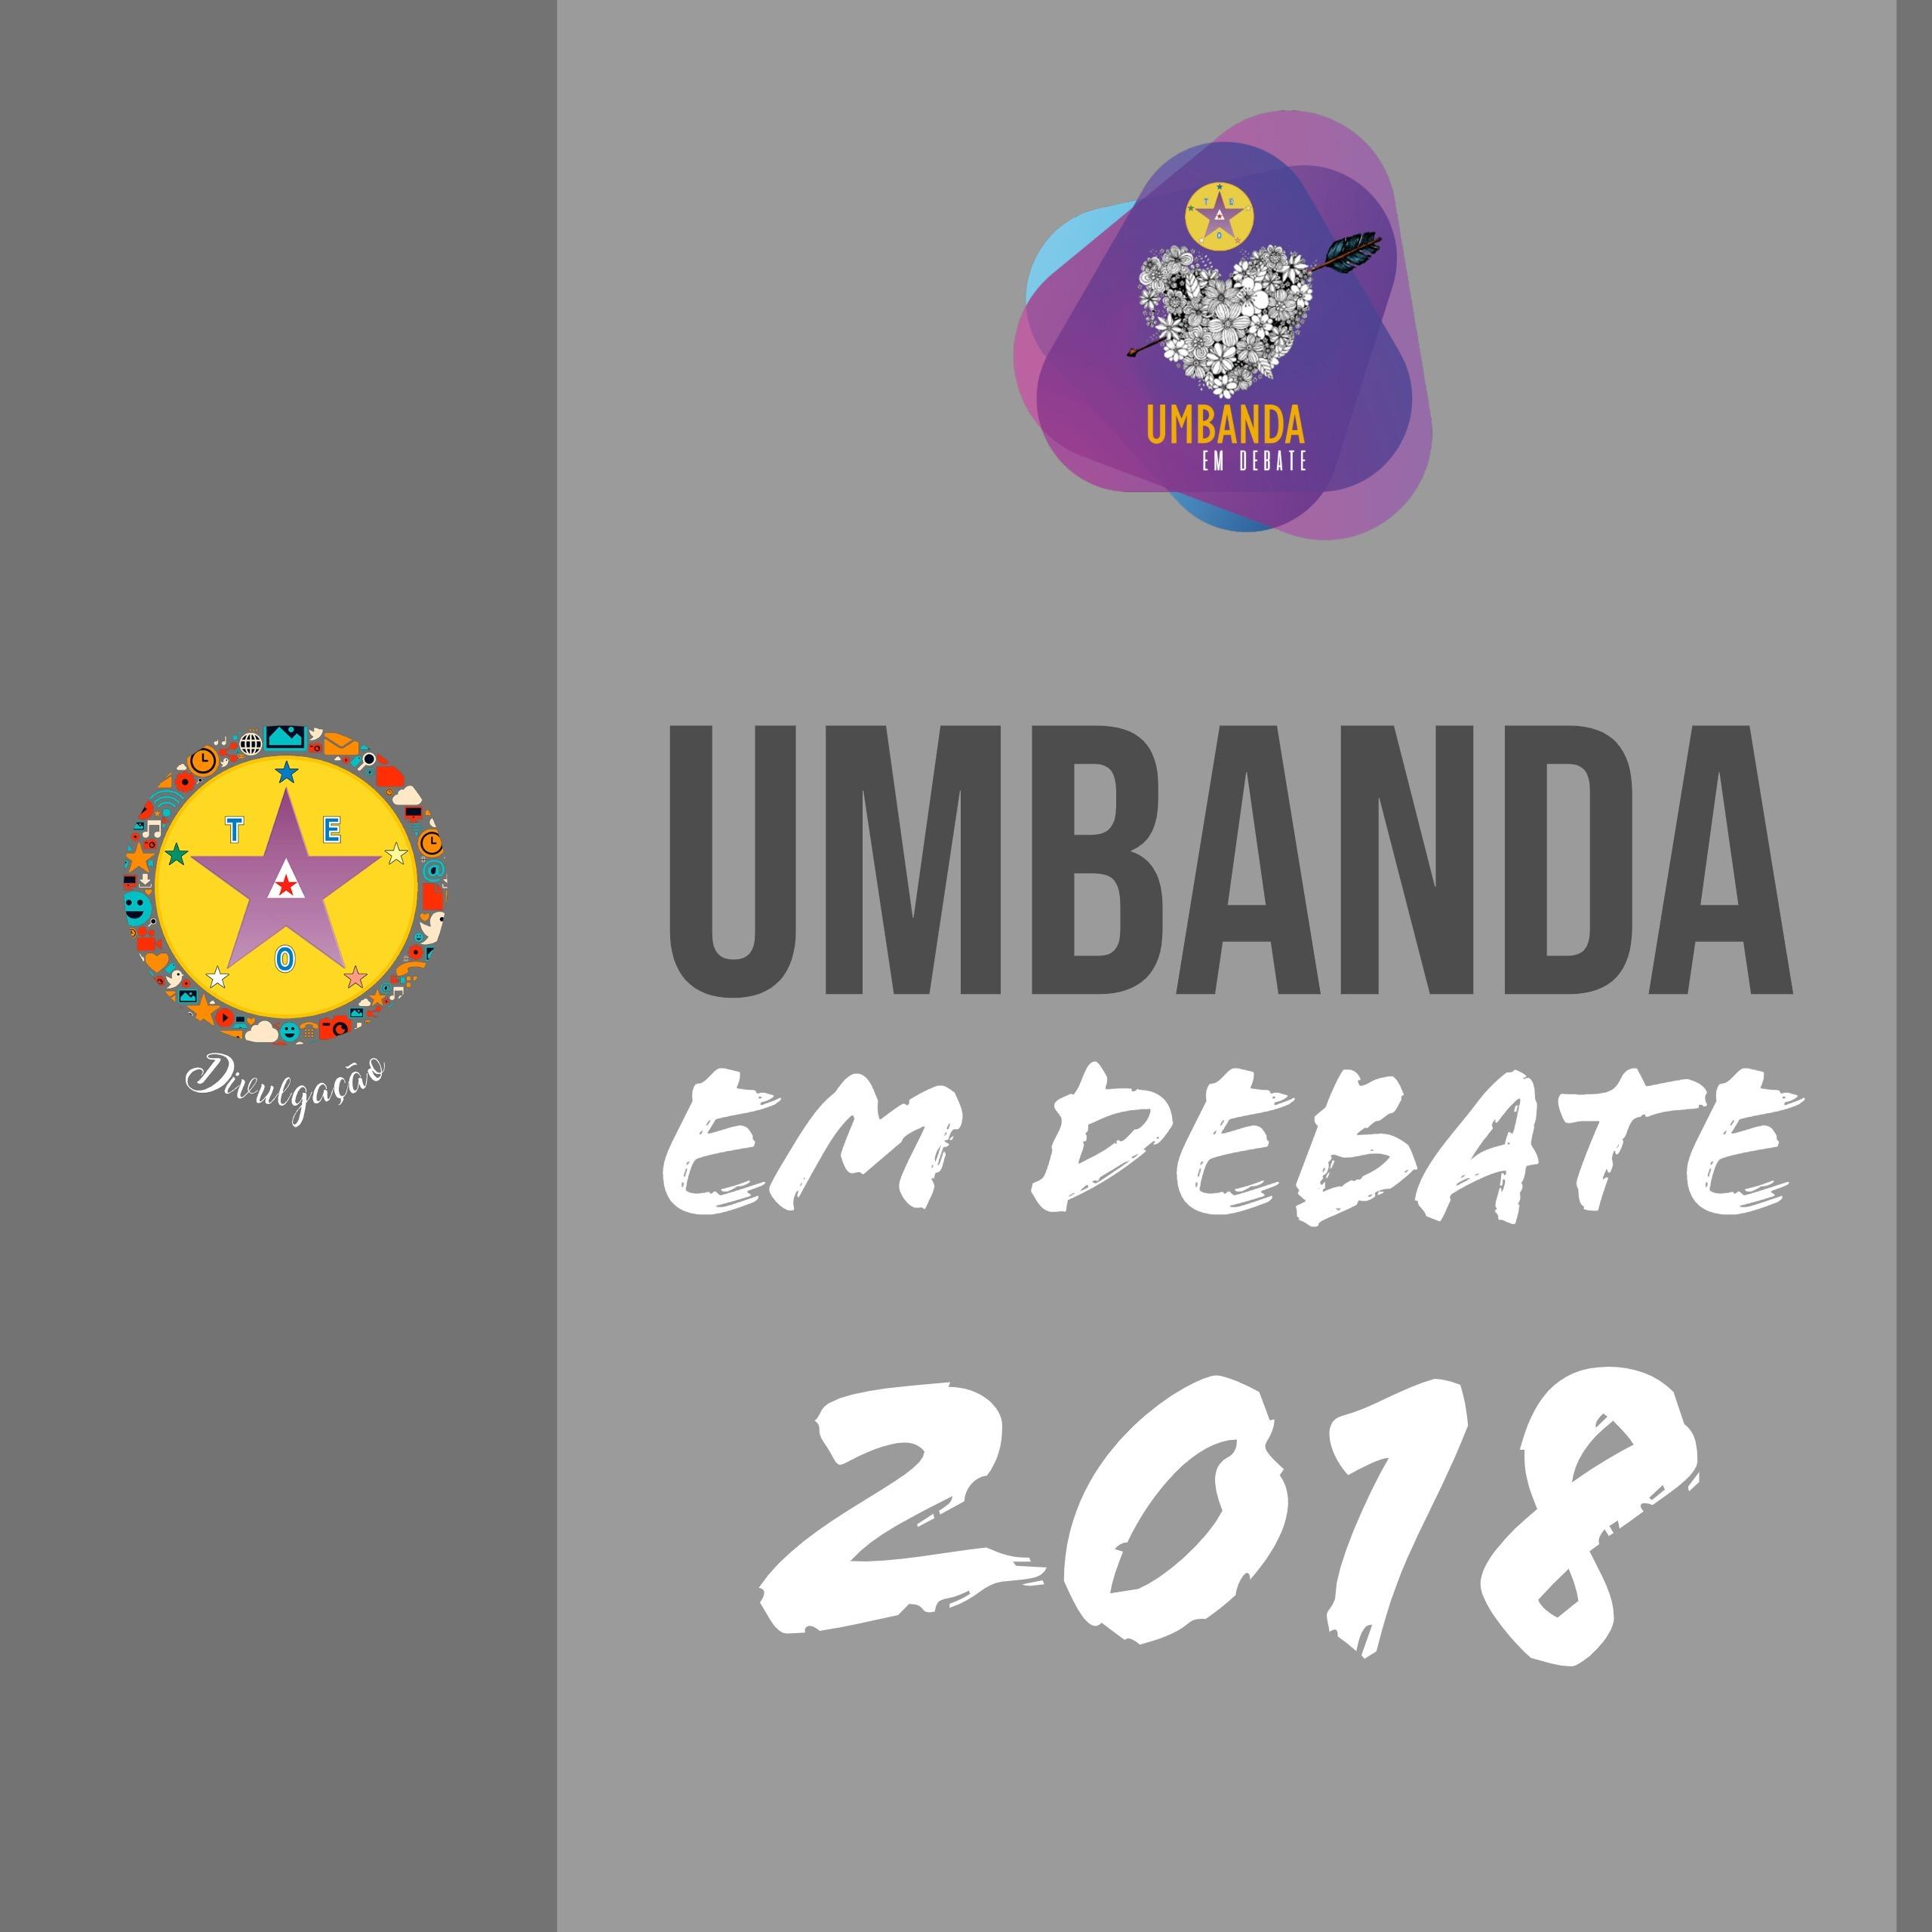 005/2018 - Umbanda em Debate #Reprise2018UDebate